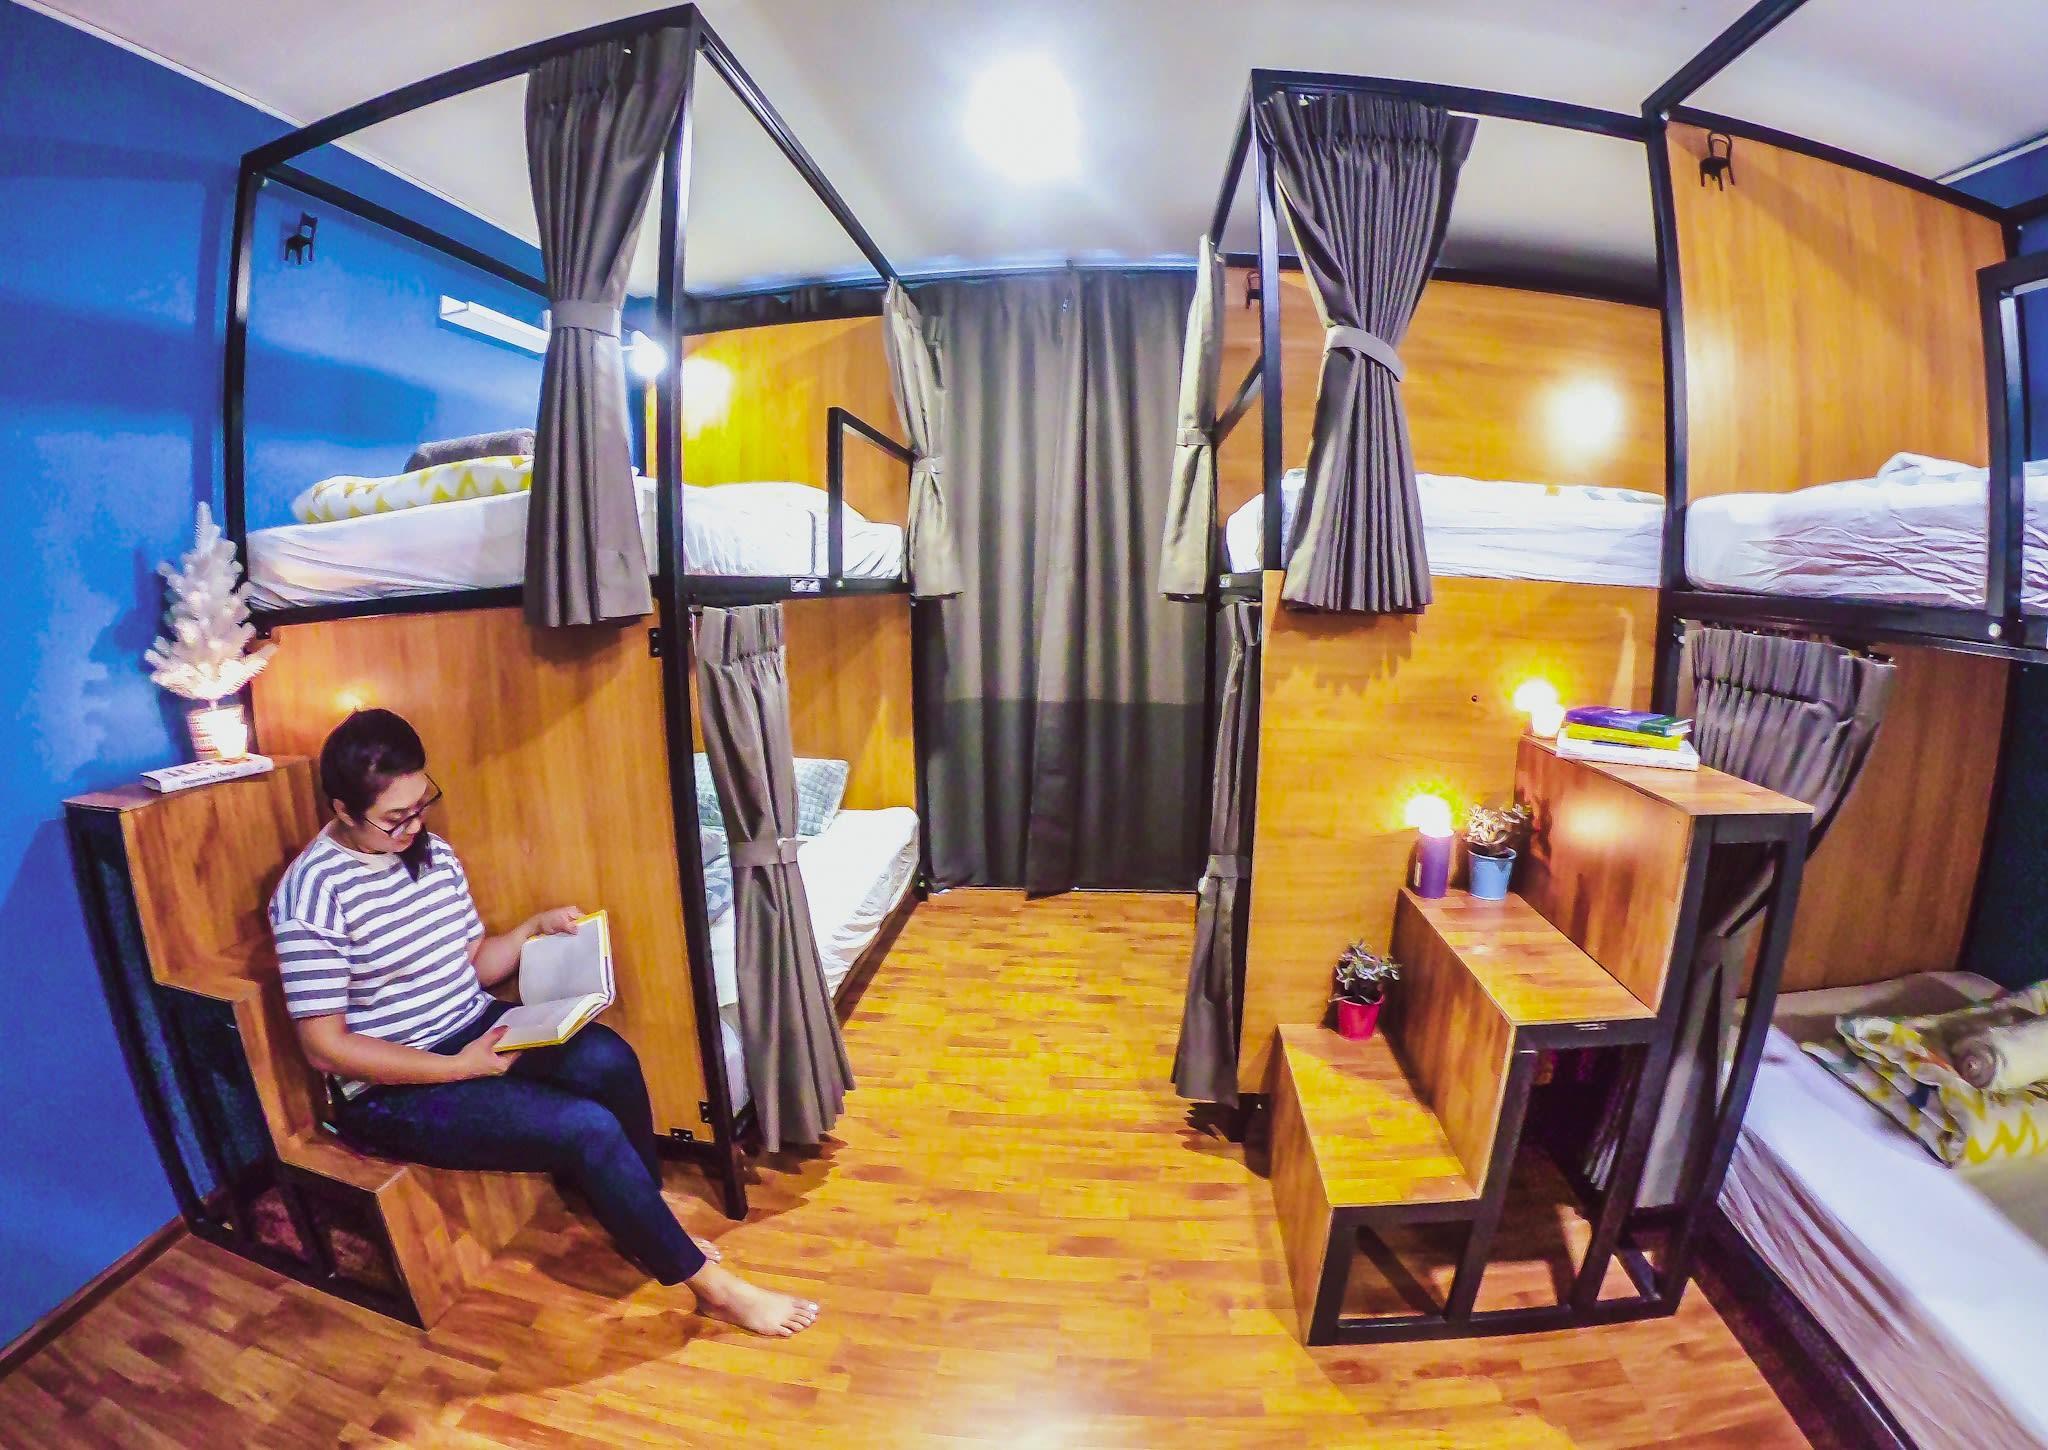 HOSTEL - ZZZ Hostel Don Mueang Airport